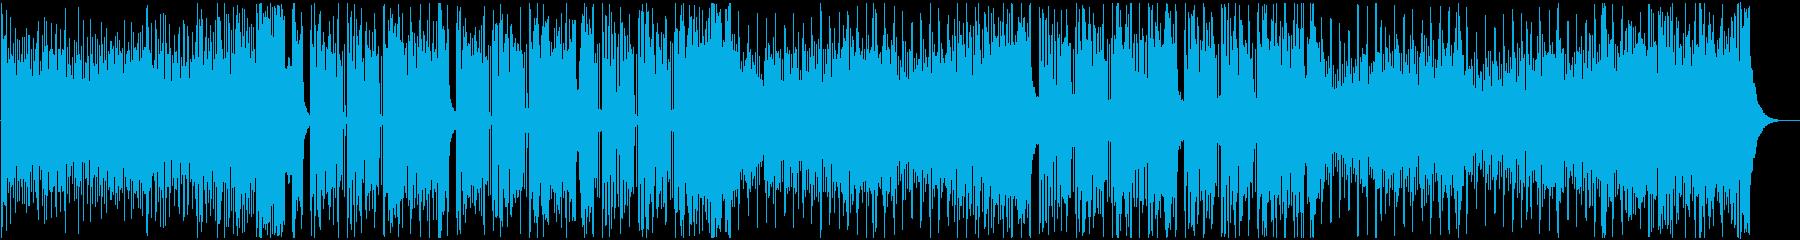 クールなFuture Bass Vo無の再生済みの波形